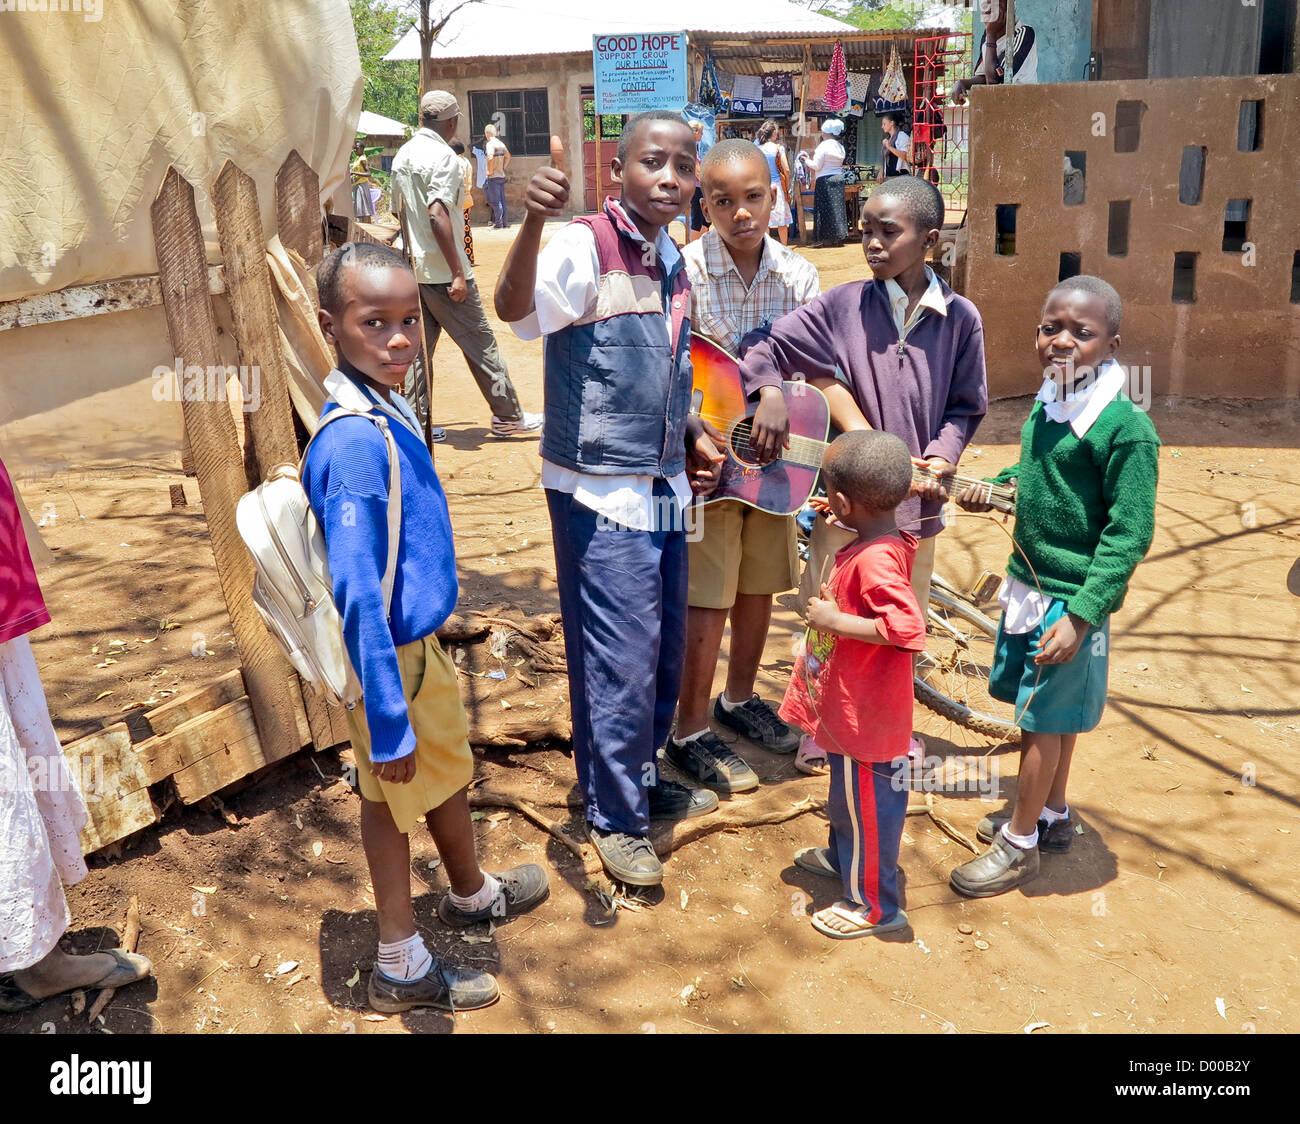 kinder waise jugendliche in armut in tansania ost afrika afrika zu l cheln und spielen im. Black Bedroom Furniture Sets. Home Design Ideas